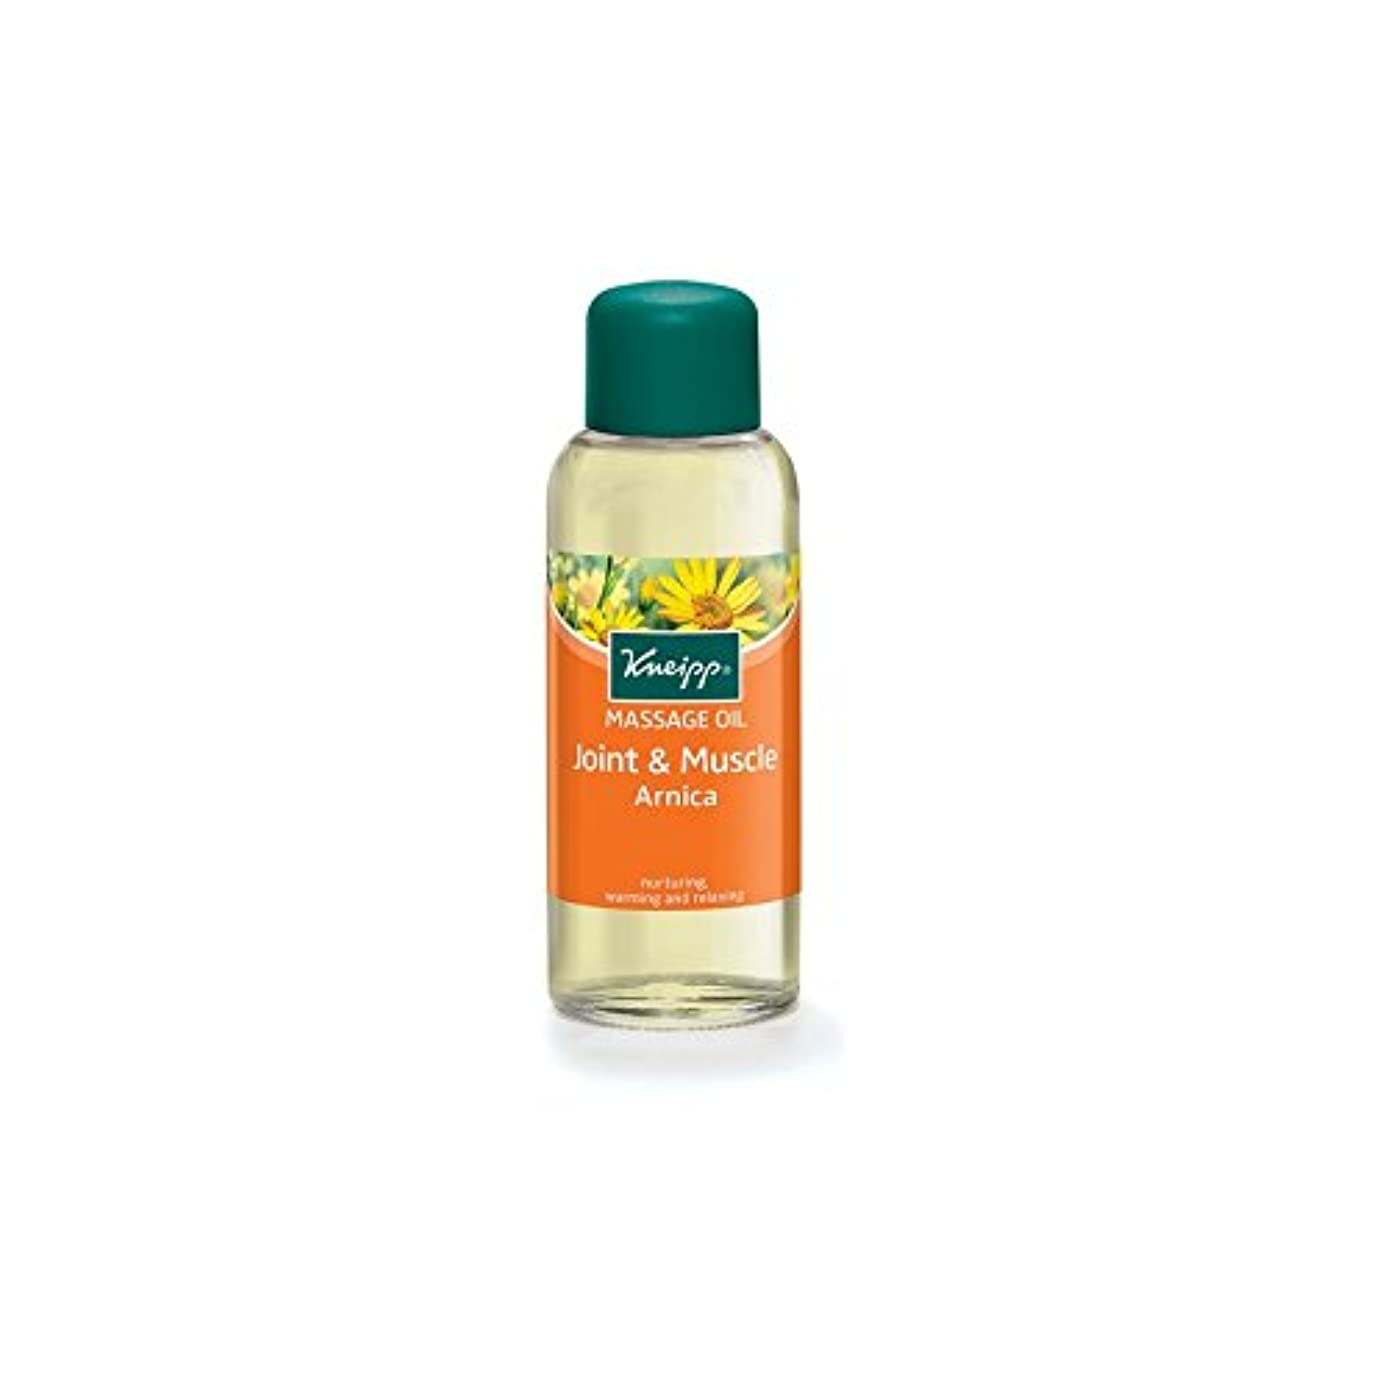 寝室を掃除する回る制限するクナイプの関節や筋肉アルニカマッサージオイル(100ミリリットル) x4 - Kneipp Joint and Muscle Arnica Massage Oil (100ml) (Pack of 4) [並行輸入品]